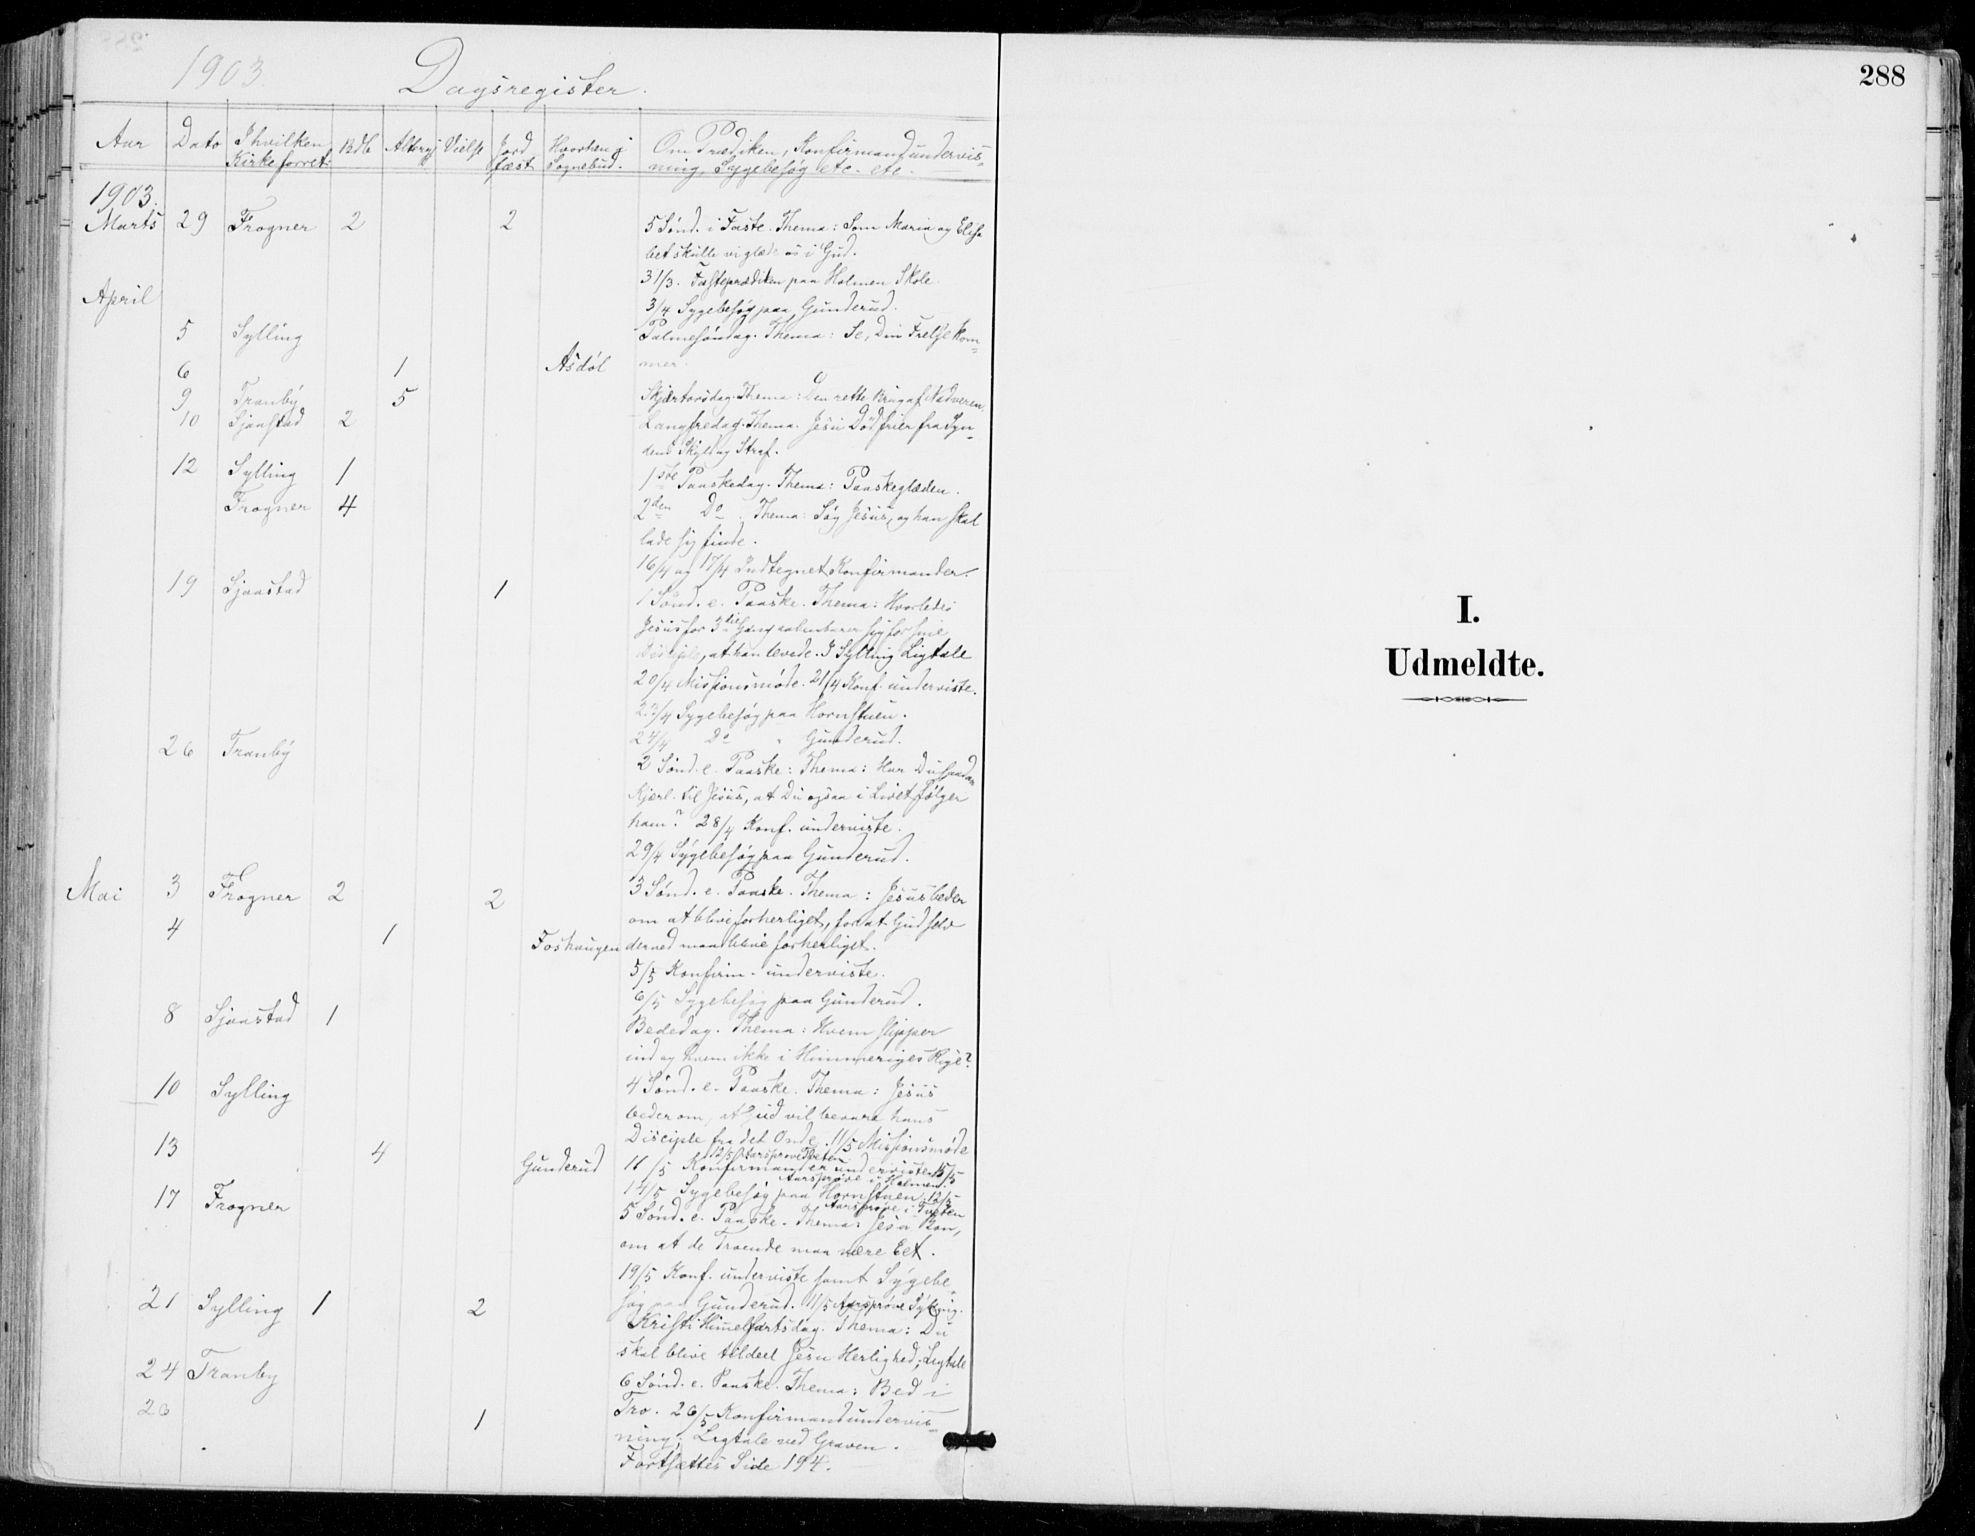 SAKO, Sylling kirkebøker, F/Fa/L0001: Ministerialbok nr. 1, 1883-1910, s. 288